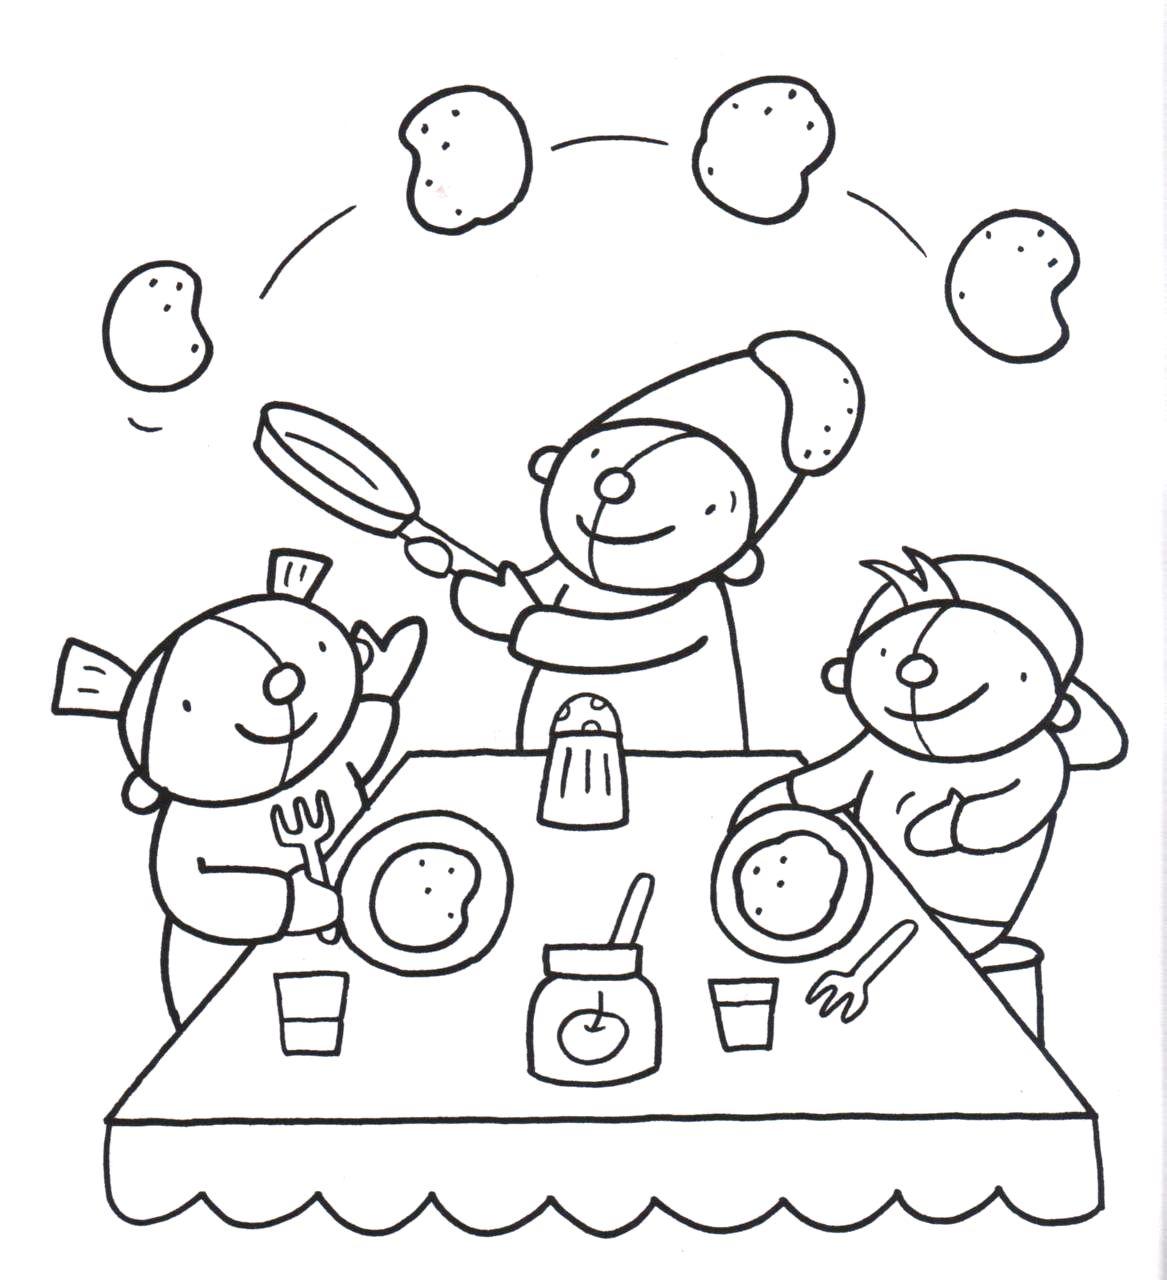 Kleurplaten Over Gezond Eten.Kleurplaat Pompom Voeding Pompom Healthy Eating Pancakes En